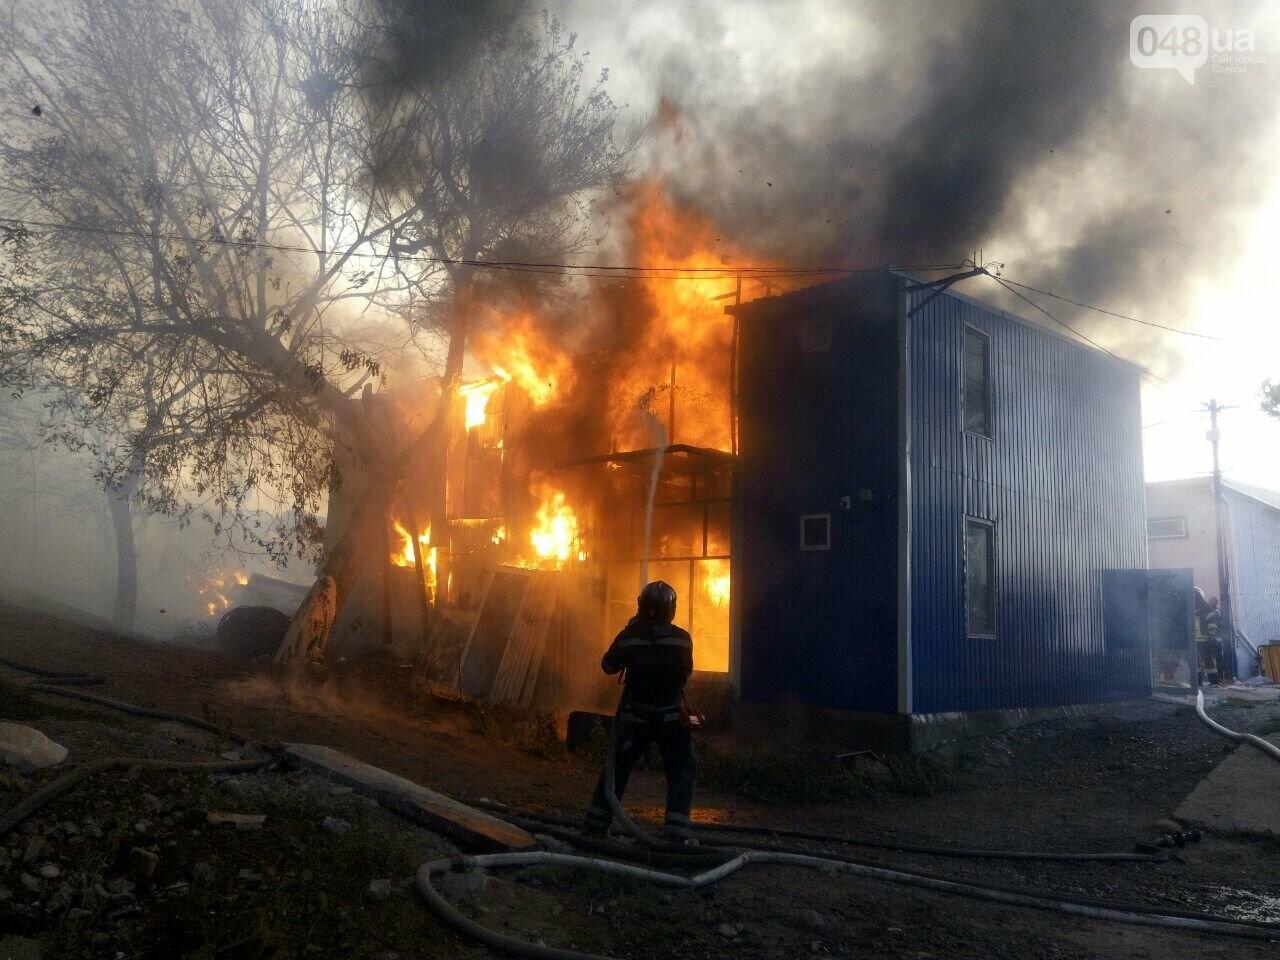 В Одессе случился масштабный пожар: горели рыбацкие домики, - ФОТО2